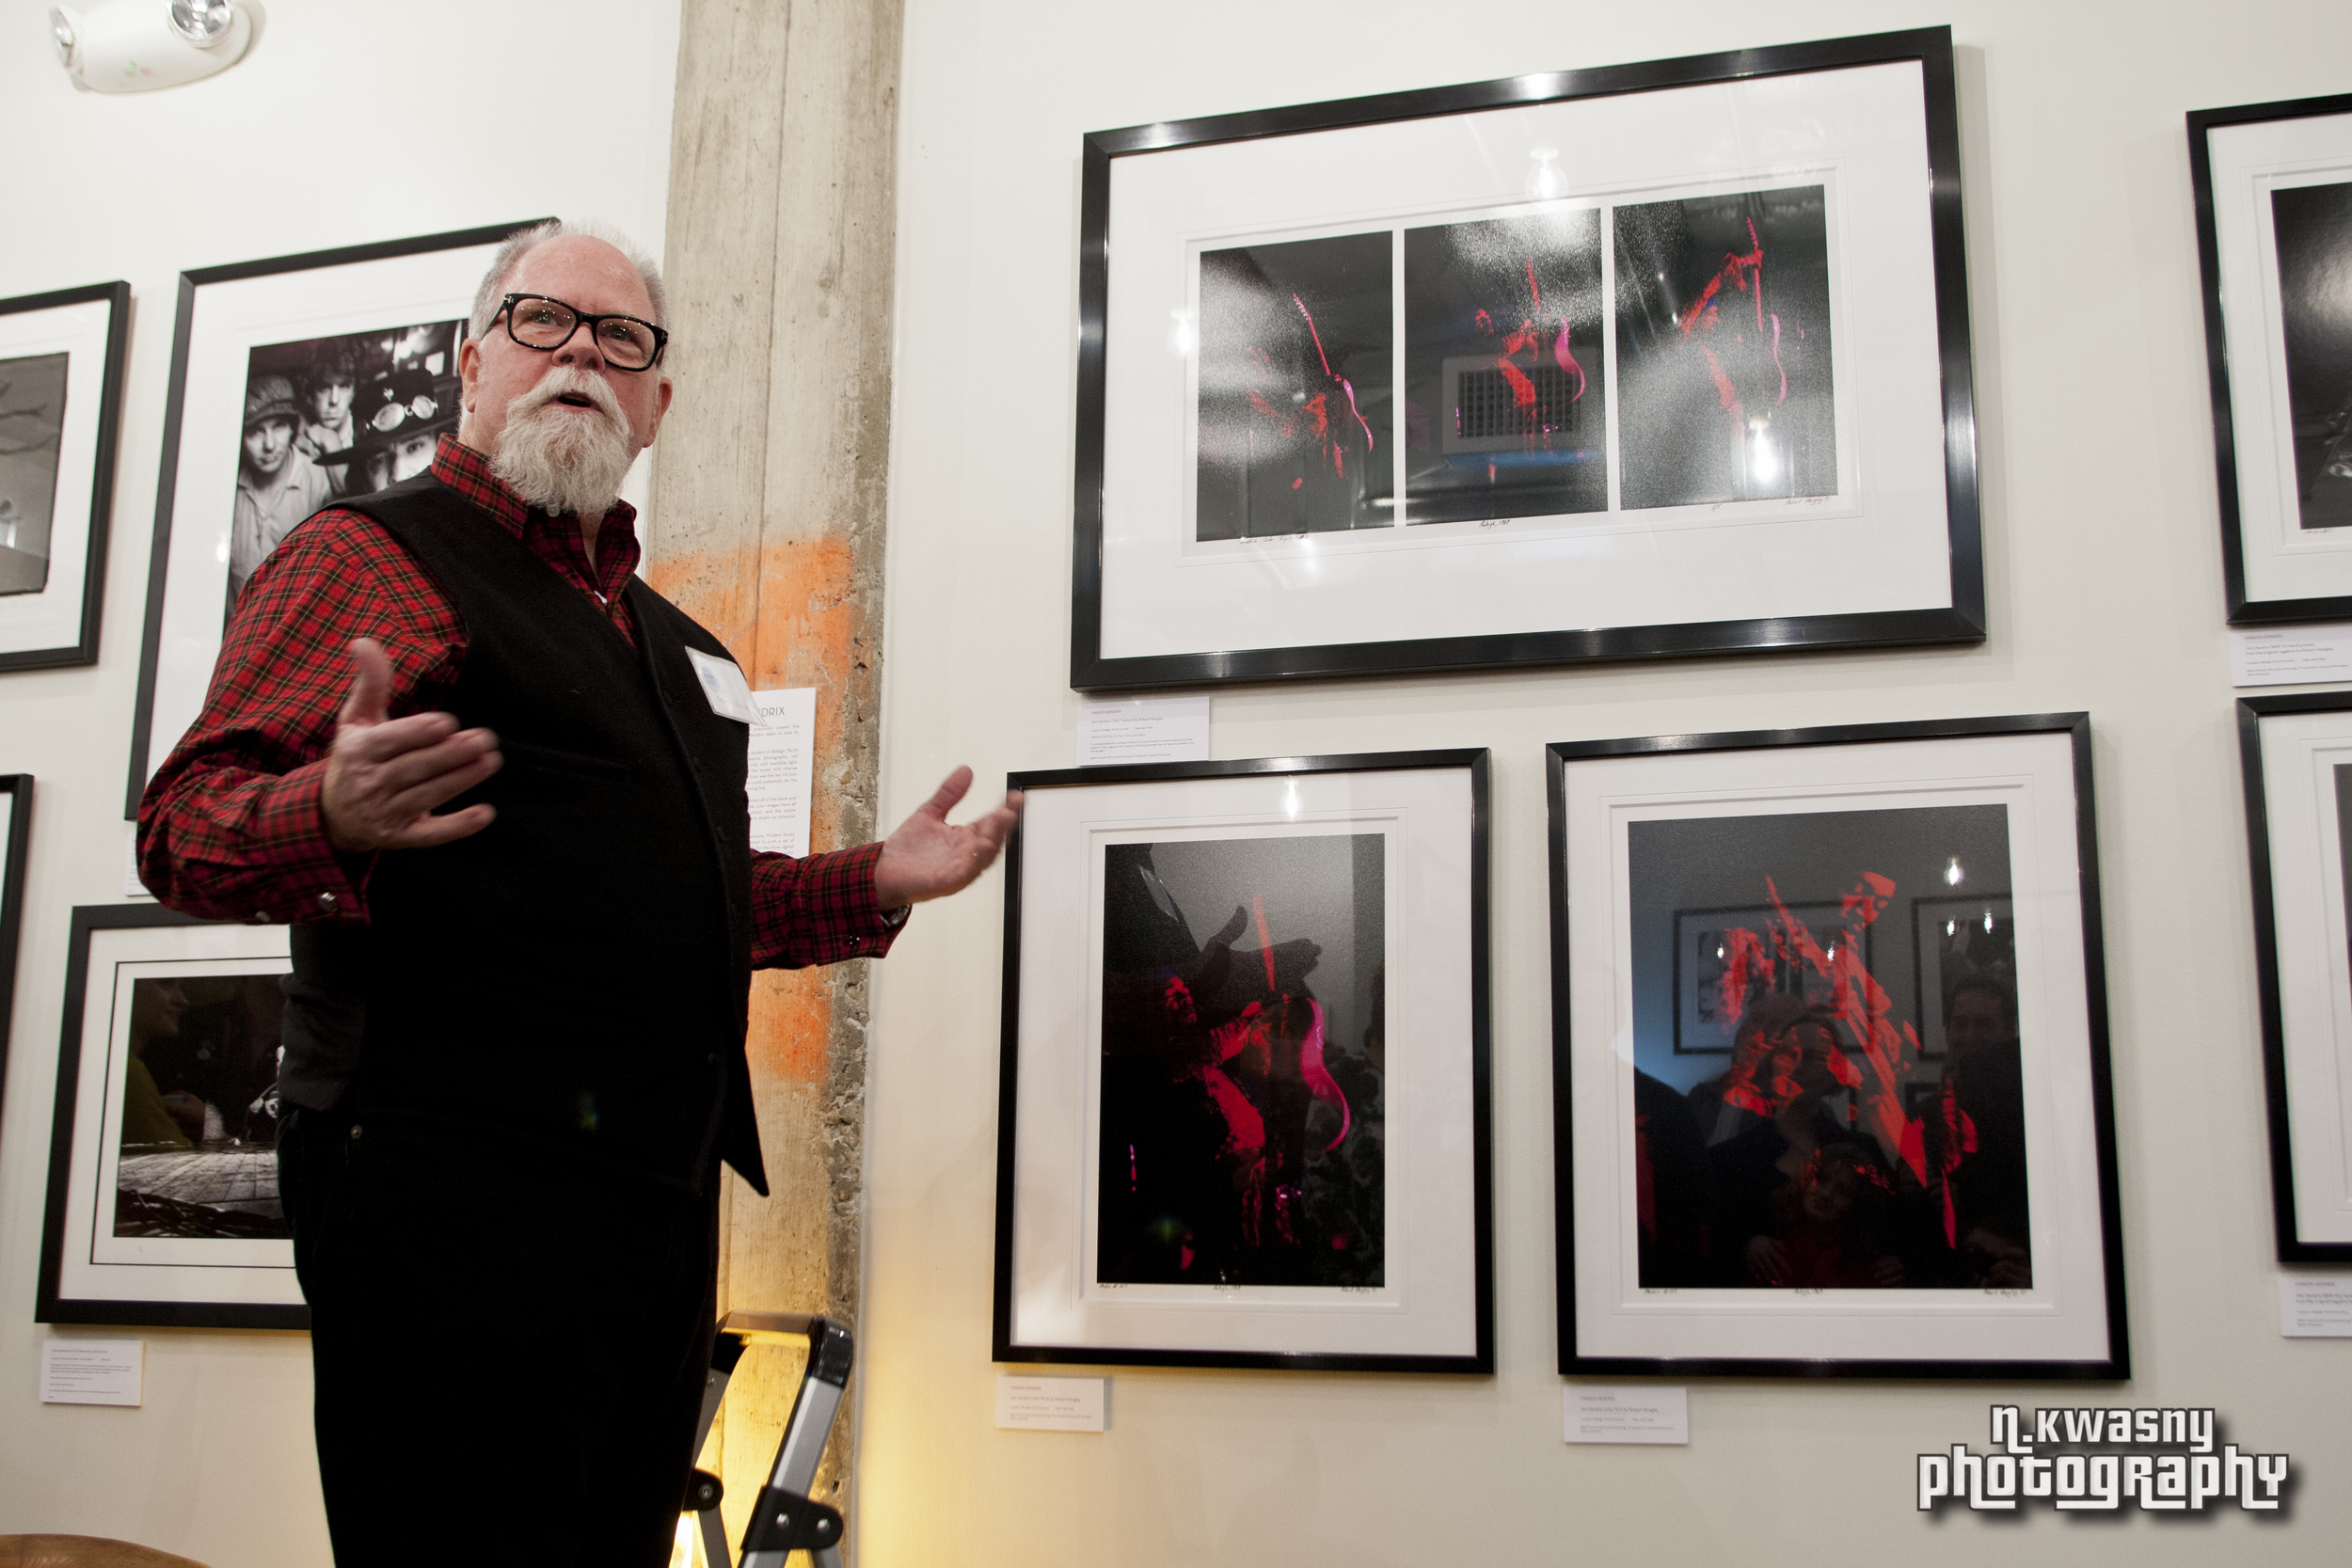 Photographer Robert Hewgley